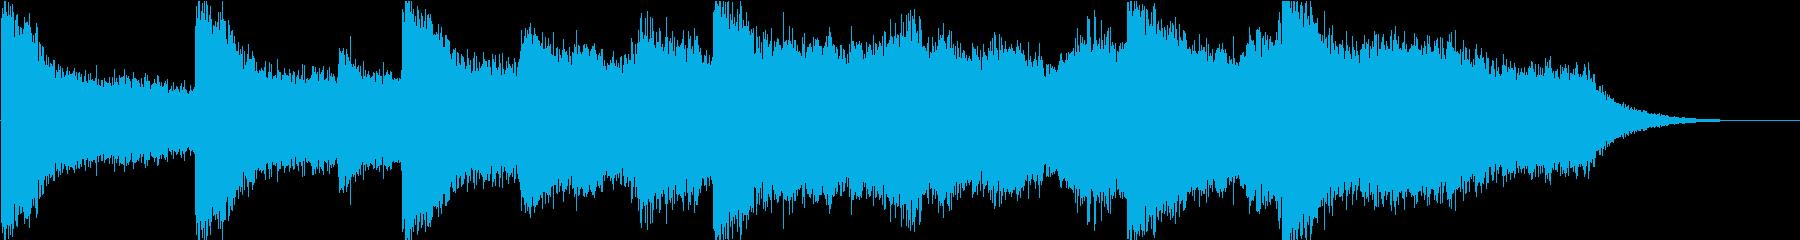 ハリウッド映画風BGM(OP・登場)の再生済みの波形